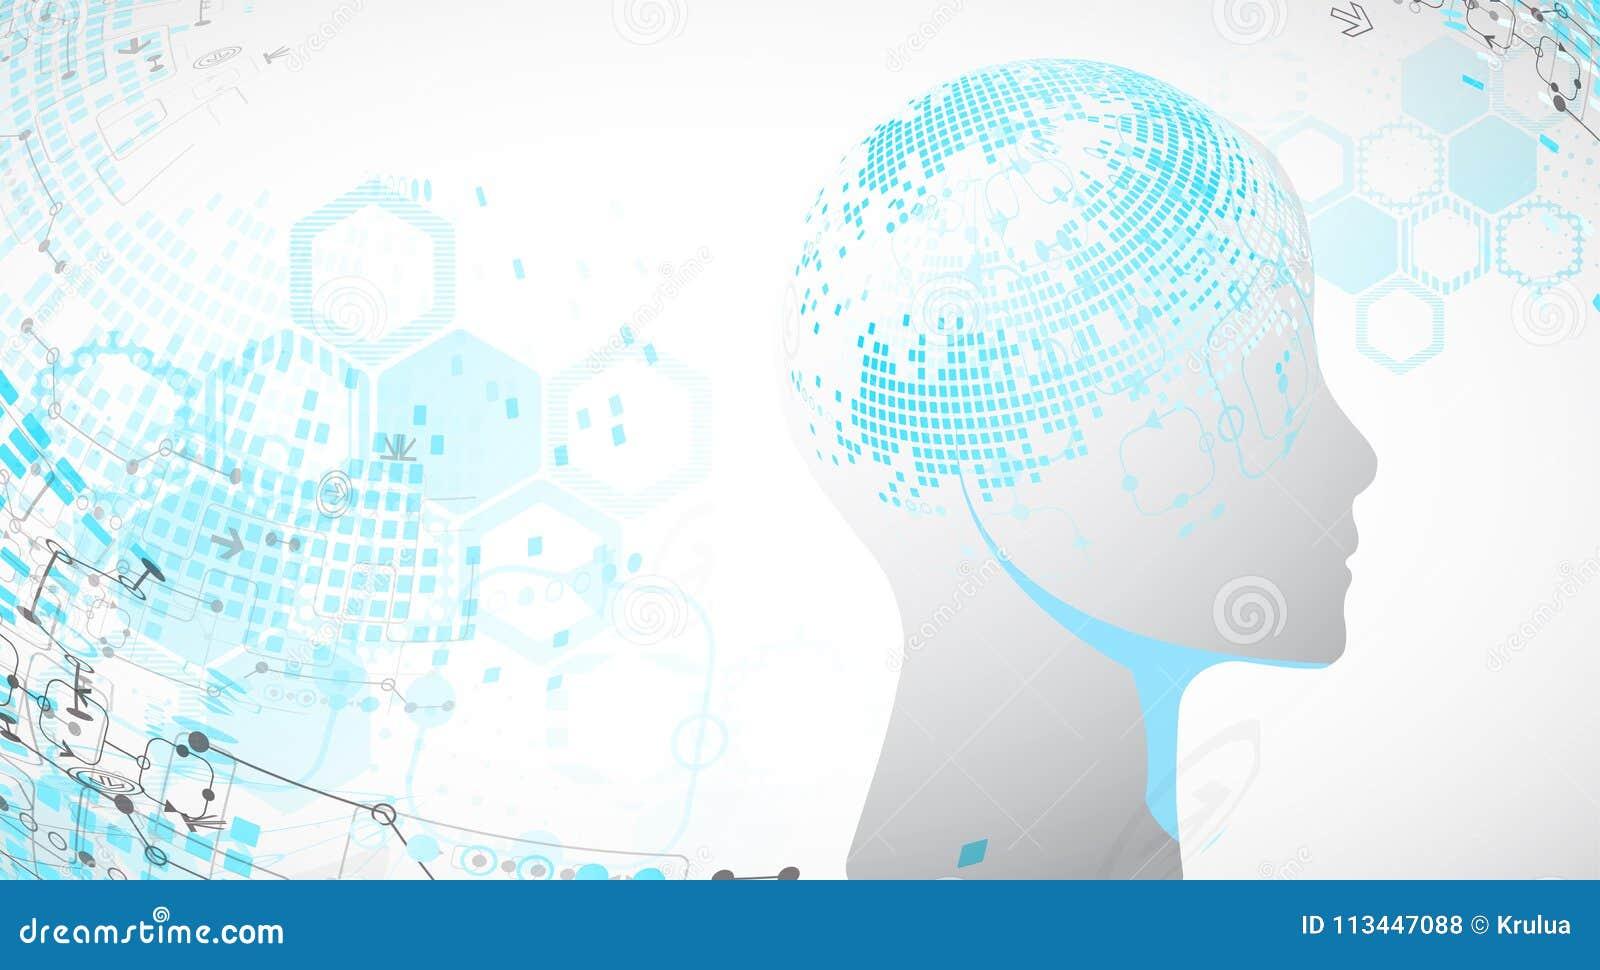 Fondo creativo del concepto del cerebro Inteligencia artificial